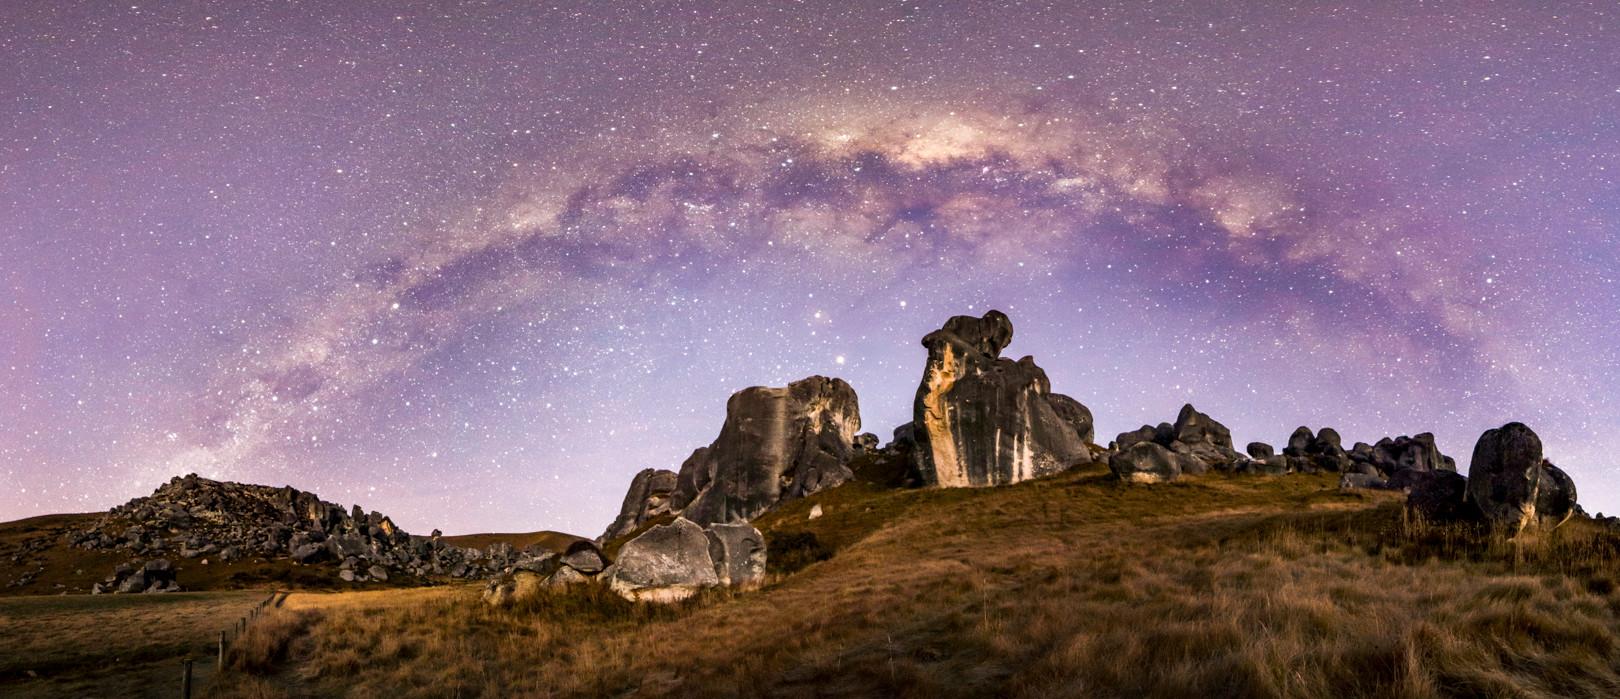 Castle Hill - Milky Way